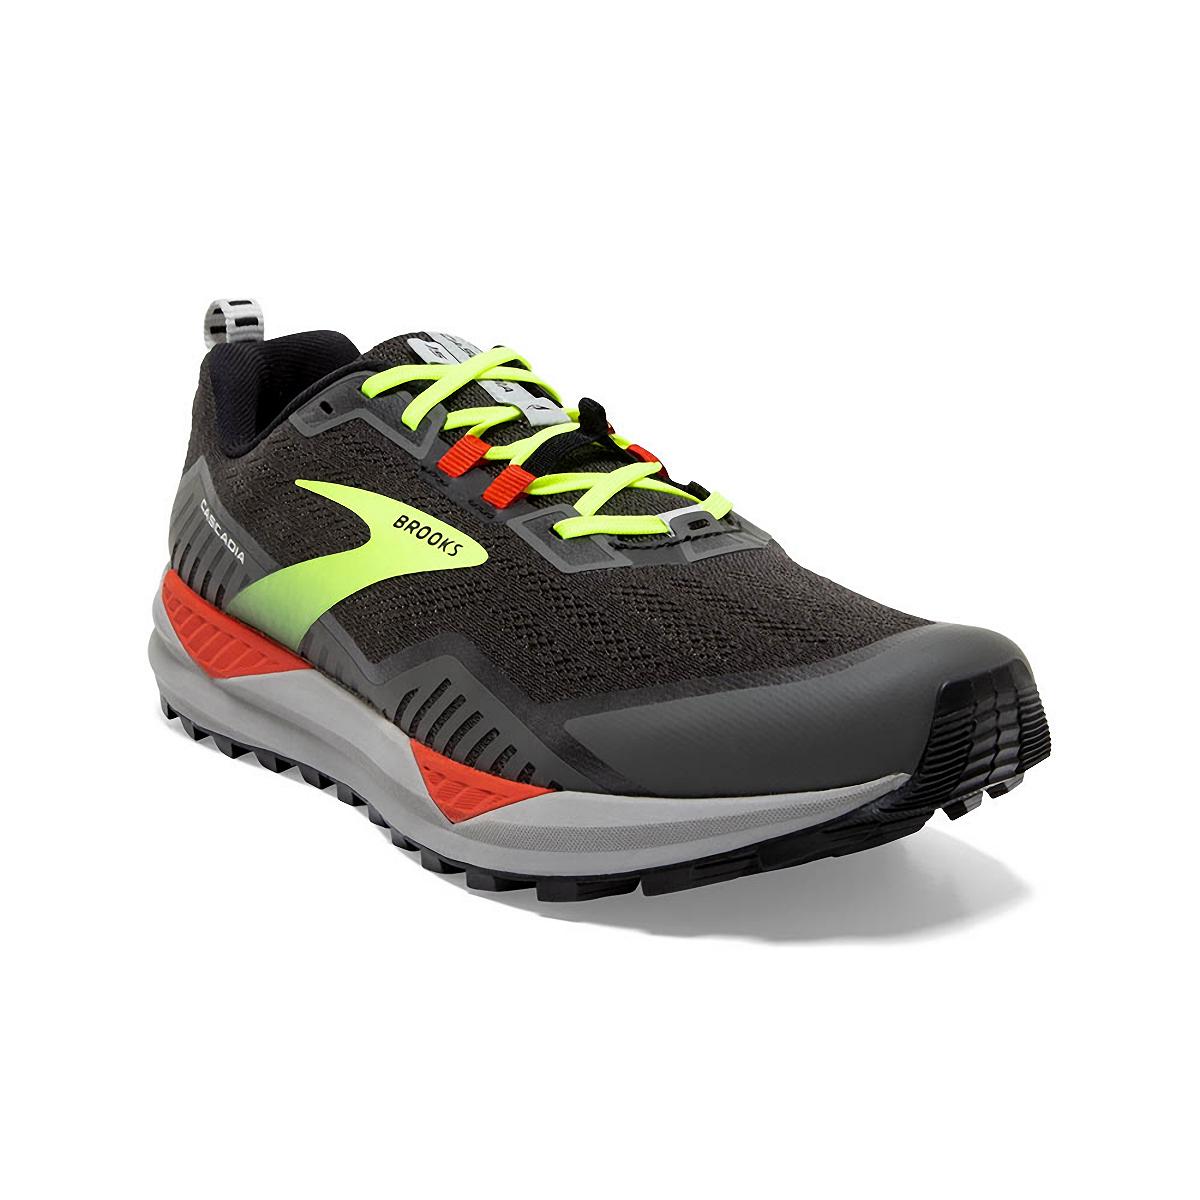 Men's Brooks Cascadia 15 Trail Running Shoe - Color: Black/Raven - Size: 8.5 - Width: Regular, Black/Raven, large, image 3